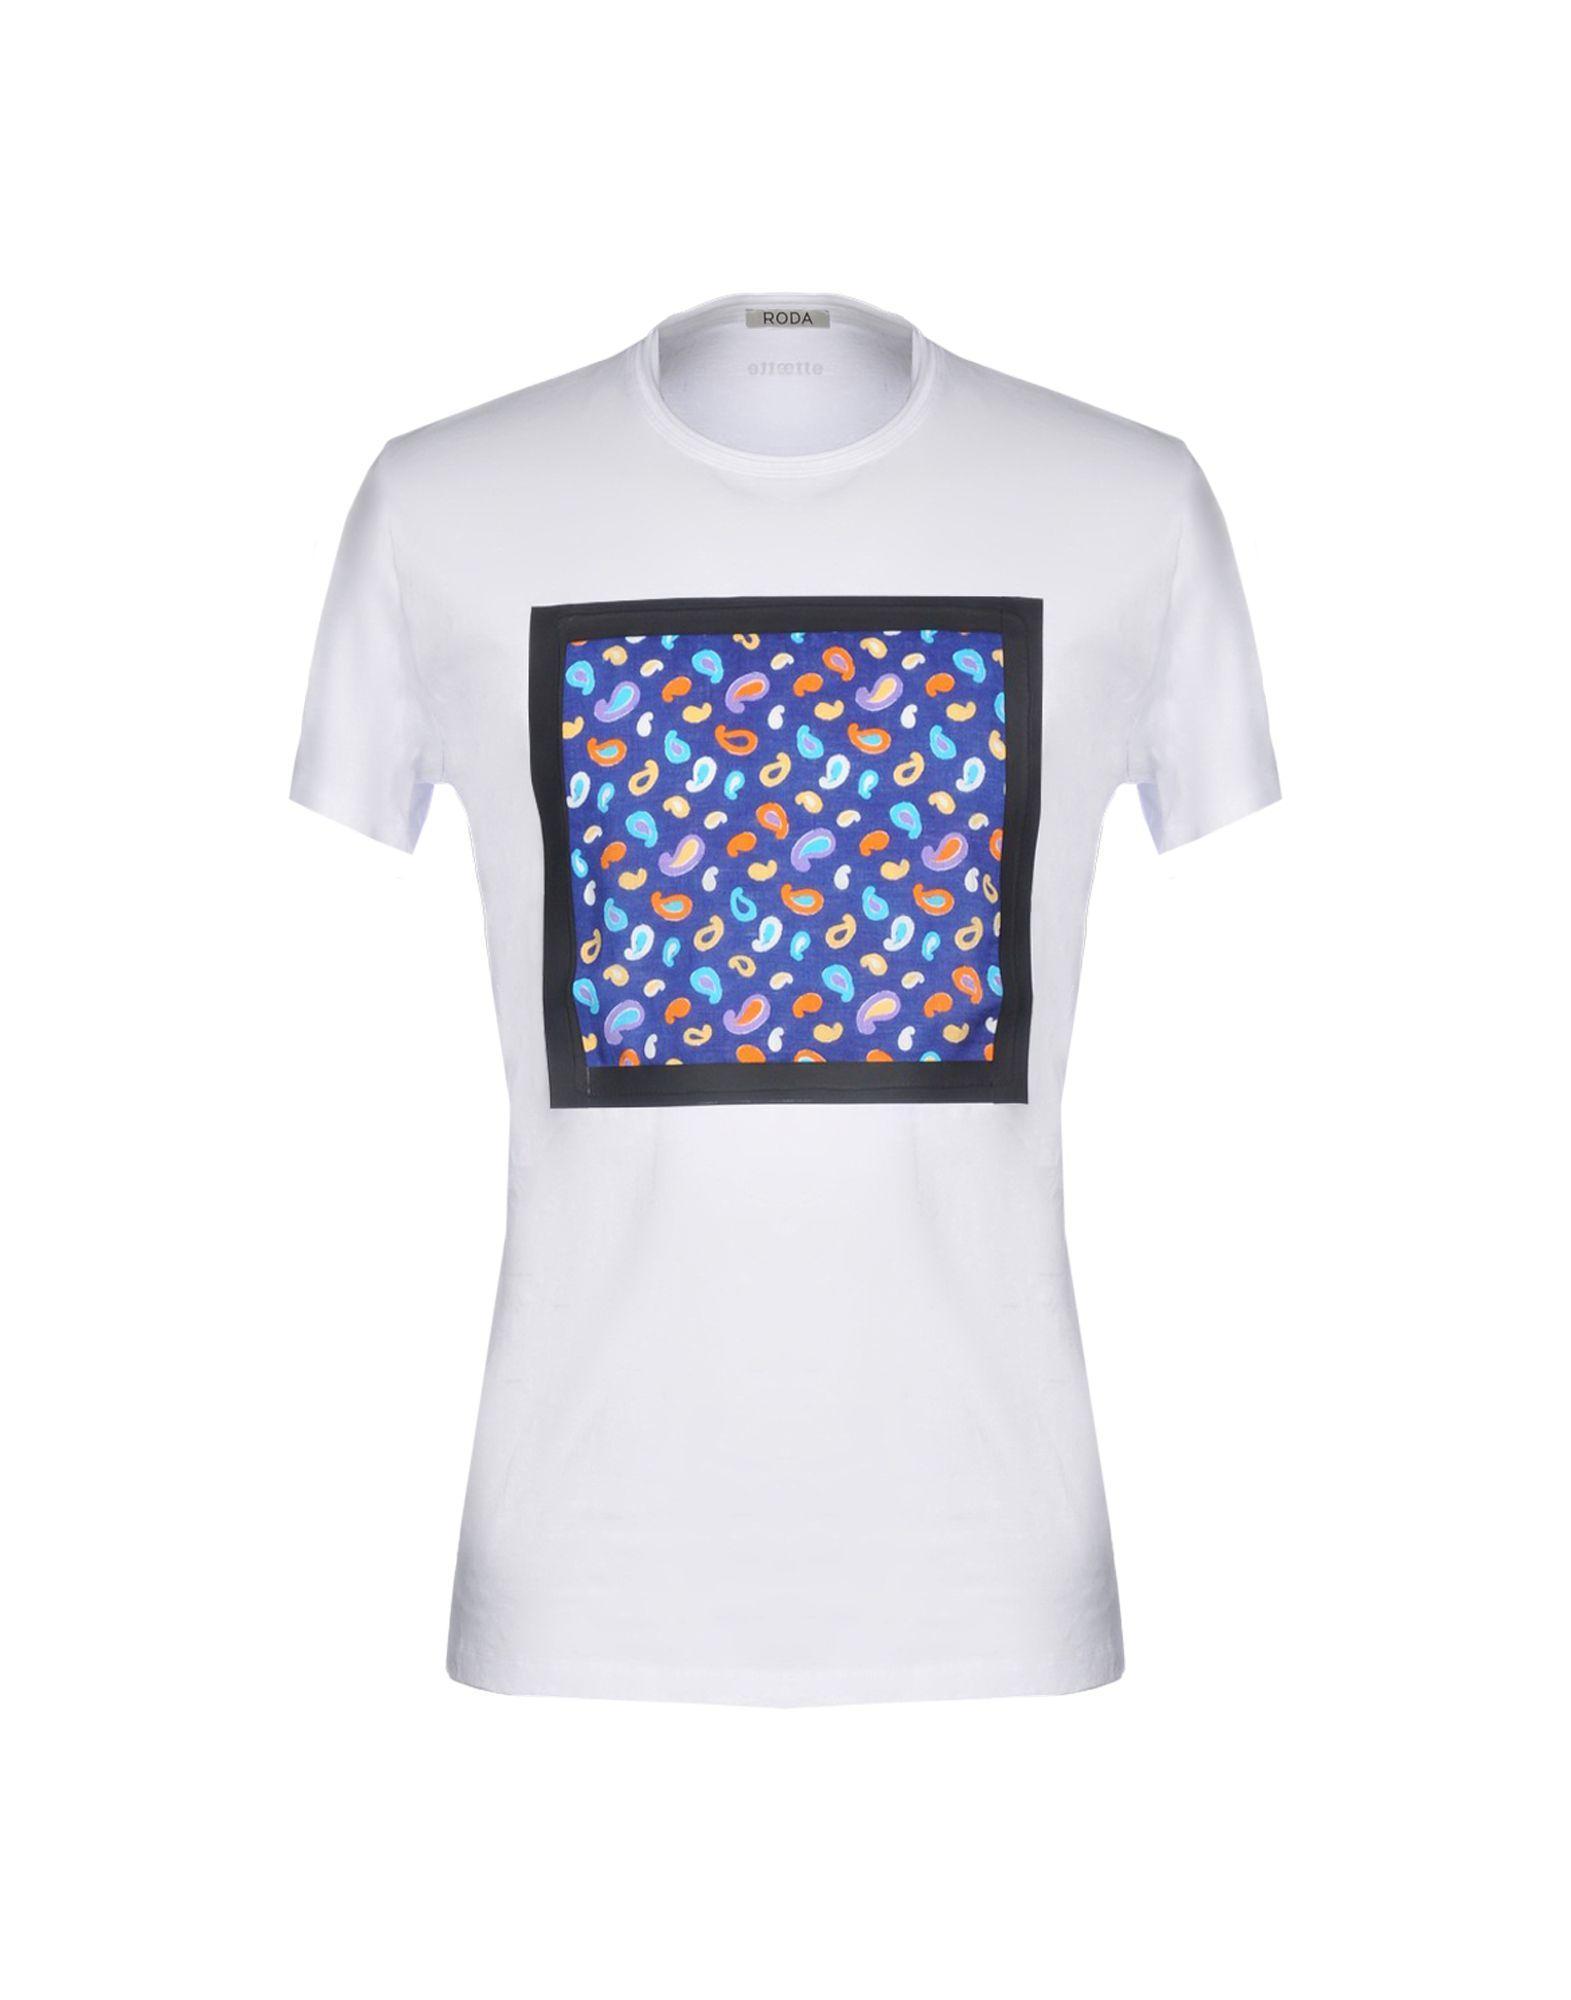 Roda T-Shirt In White